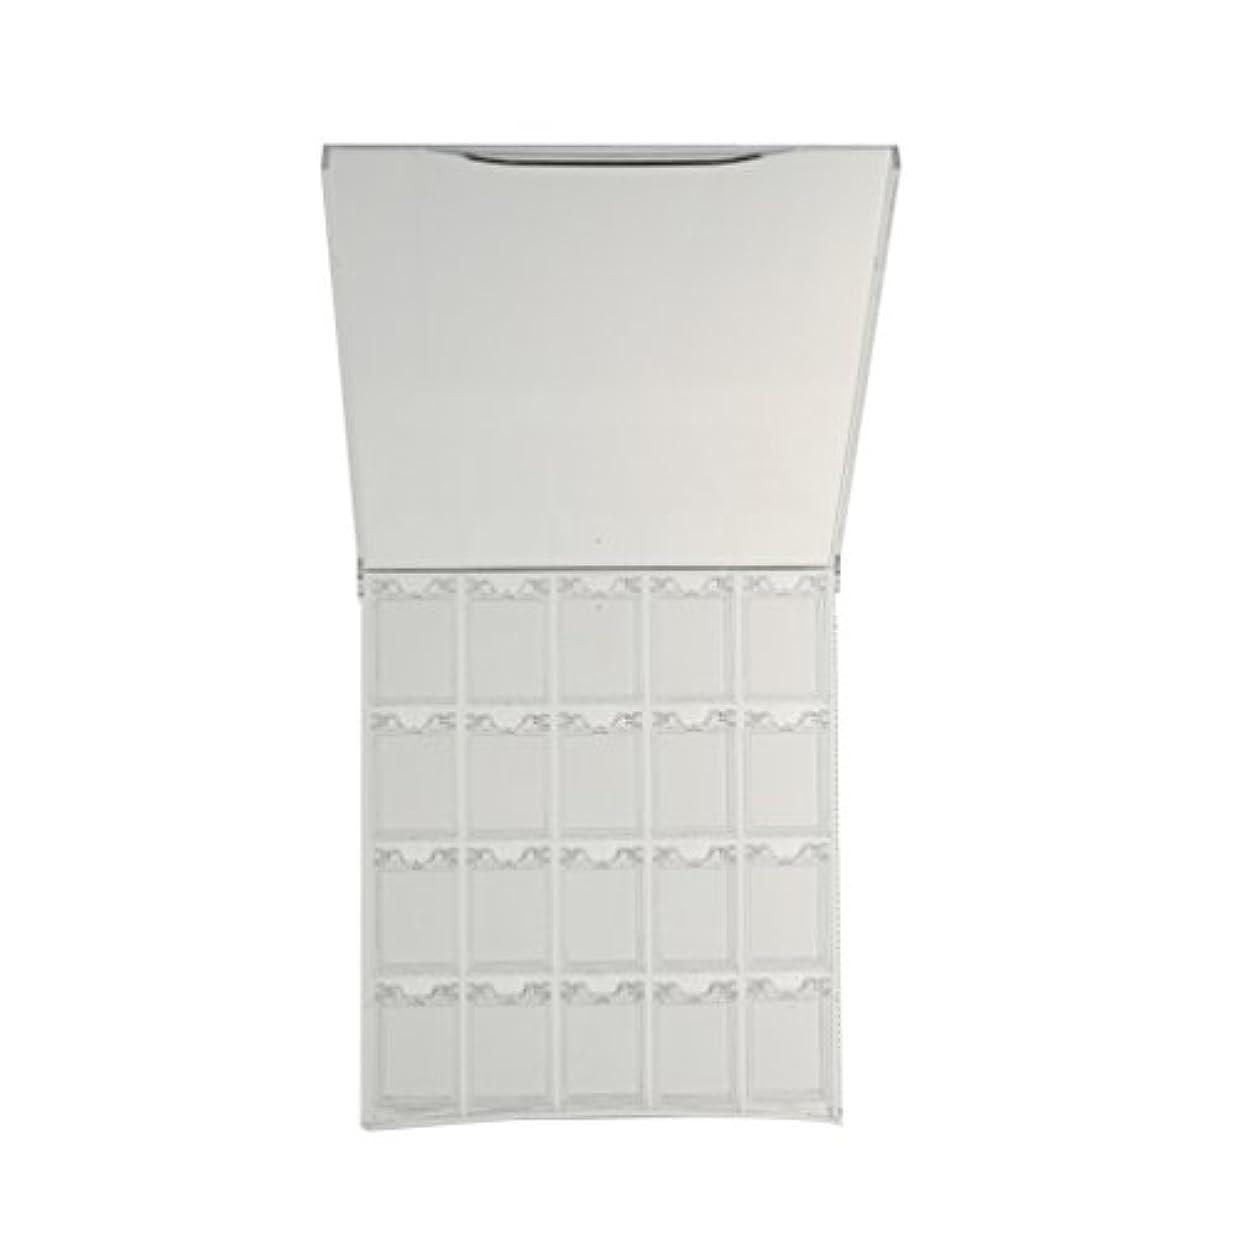 毎週欲望タイトルCUTICATE 空のプラスチック製のネイルアートケースグリッターパウダーディスプレイボックス容器ホルダーケース